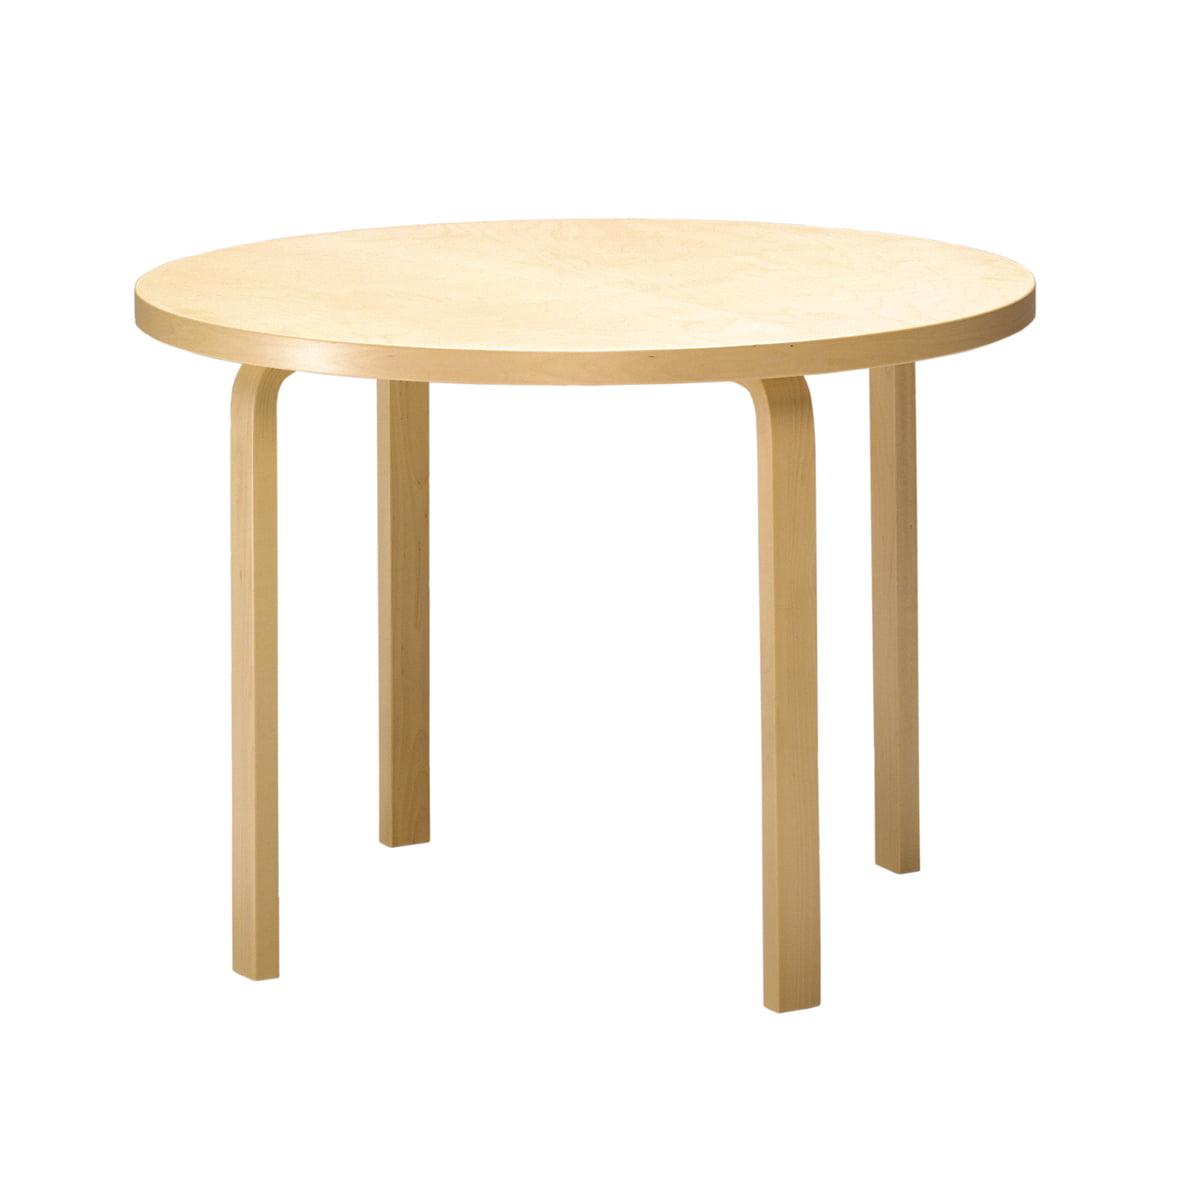 Table 90a Artek Shop